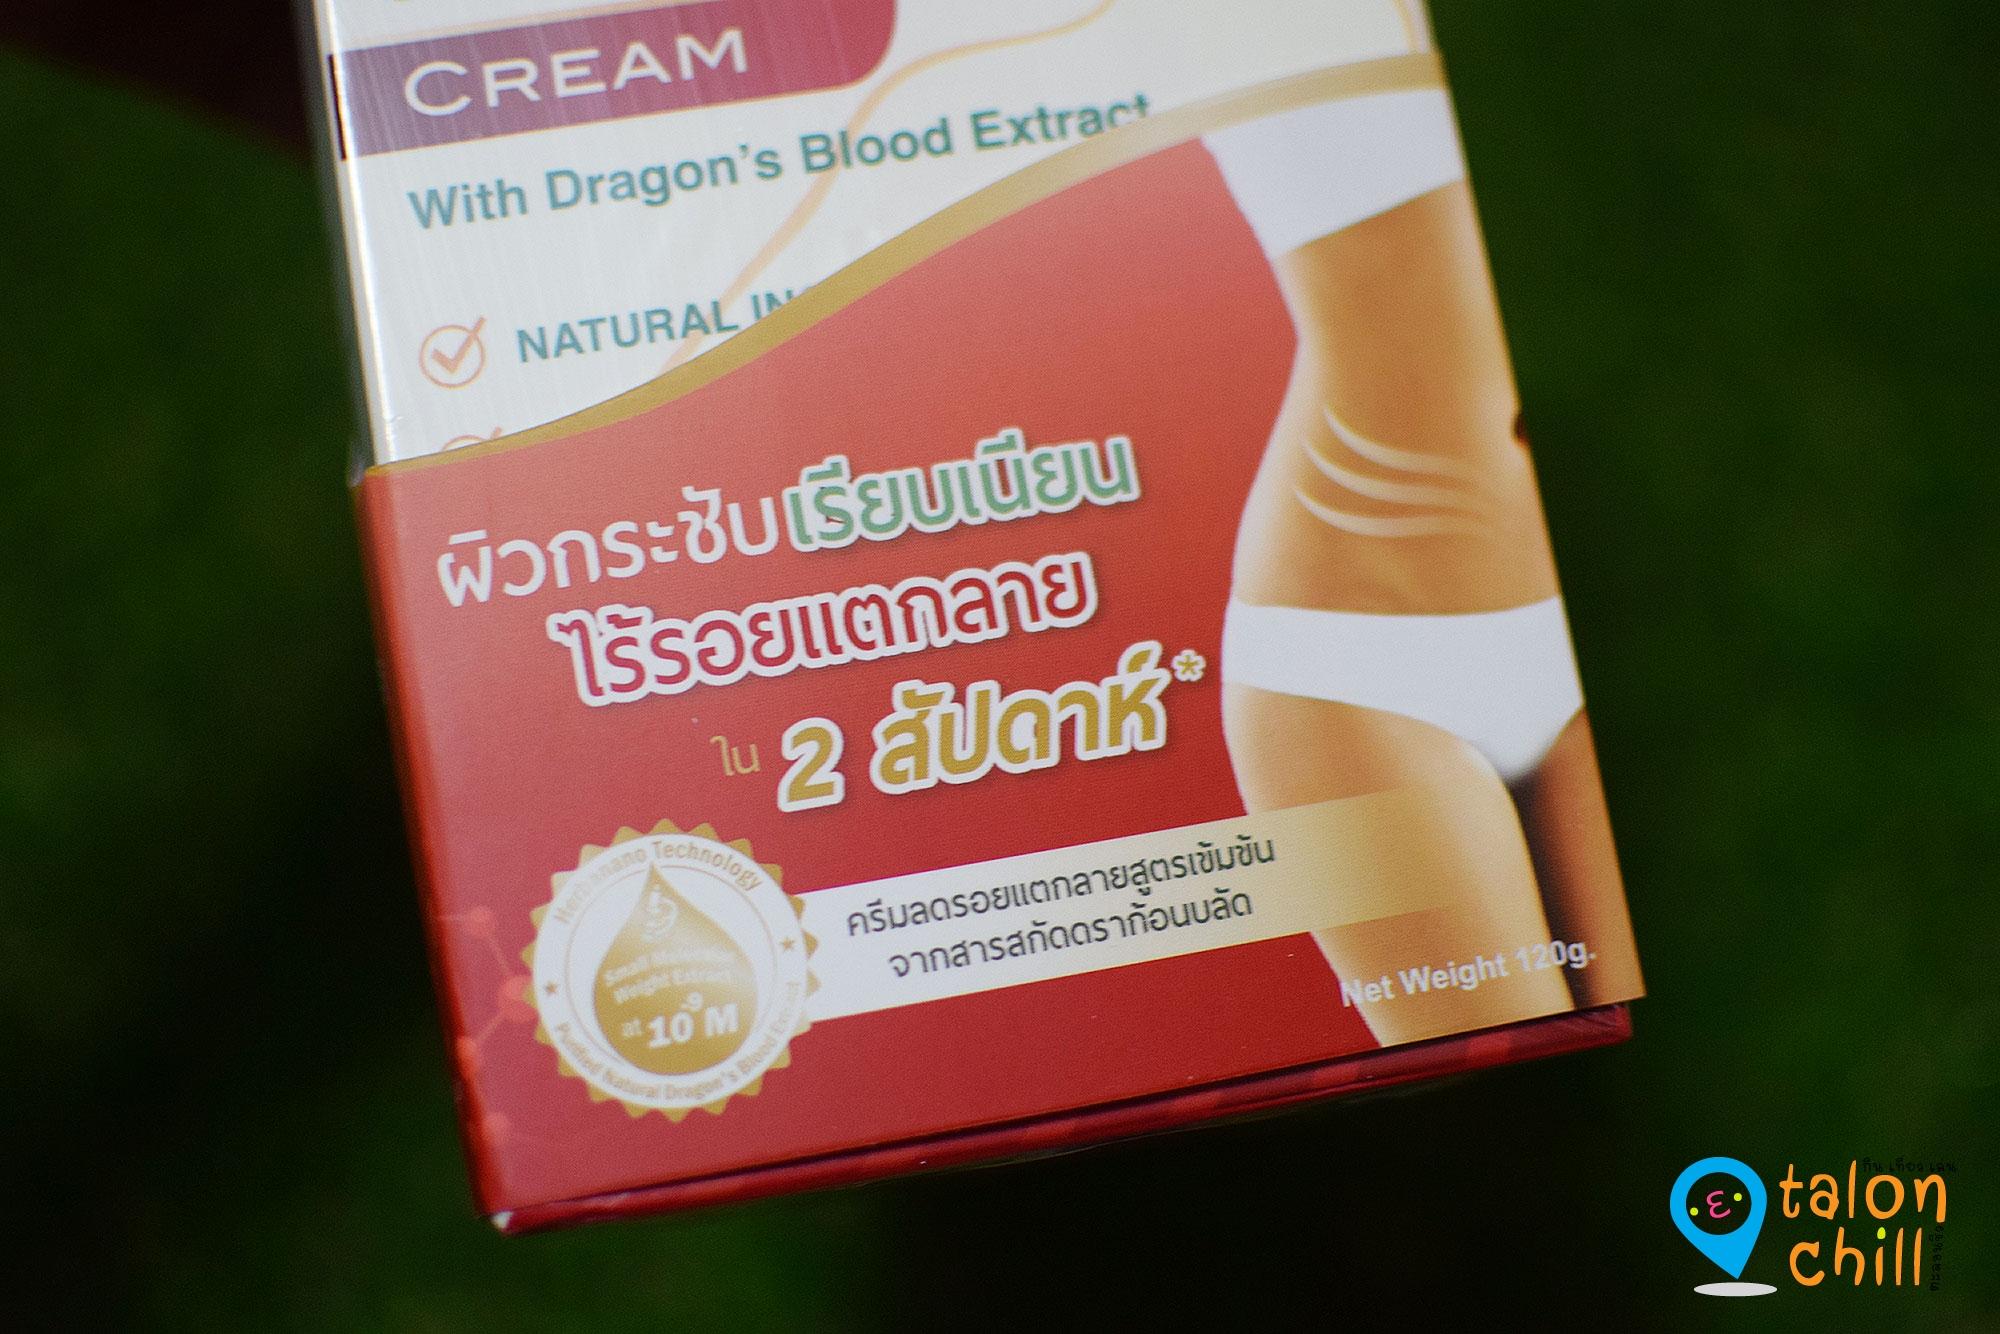 [แกะกล่อง] Puricas Stretch Marks Cream ครีมลดริ้วรอยแตกลาย